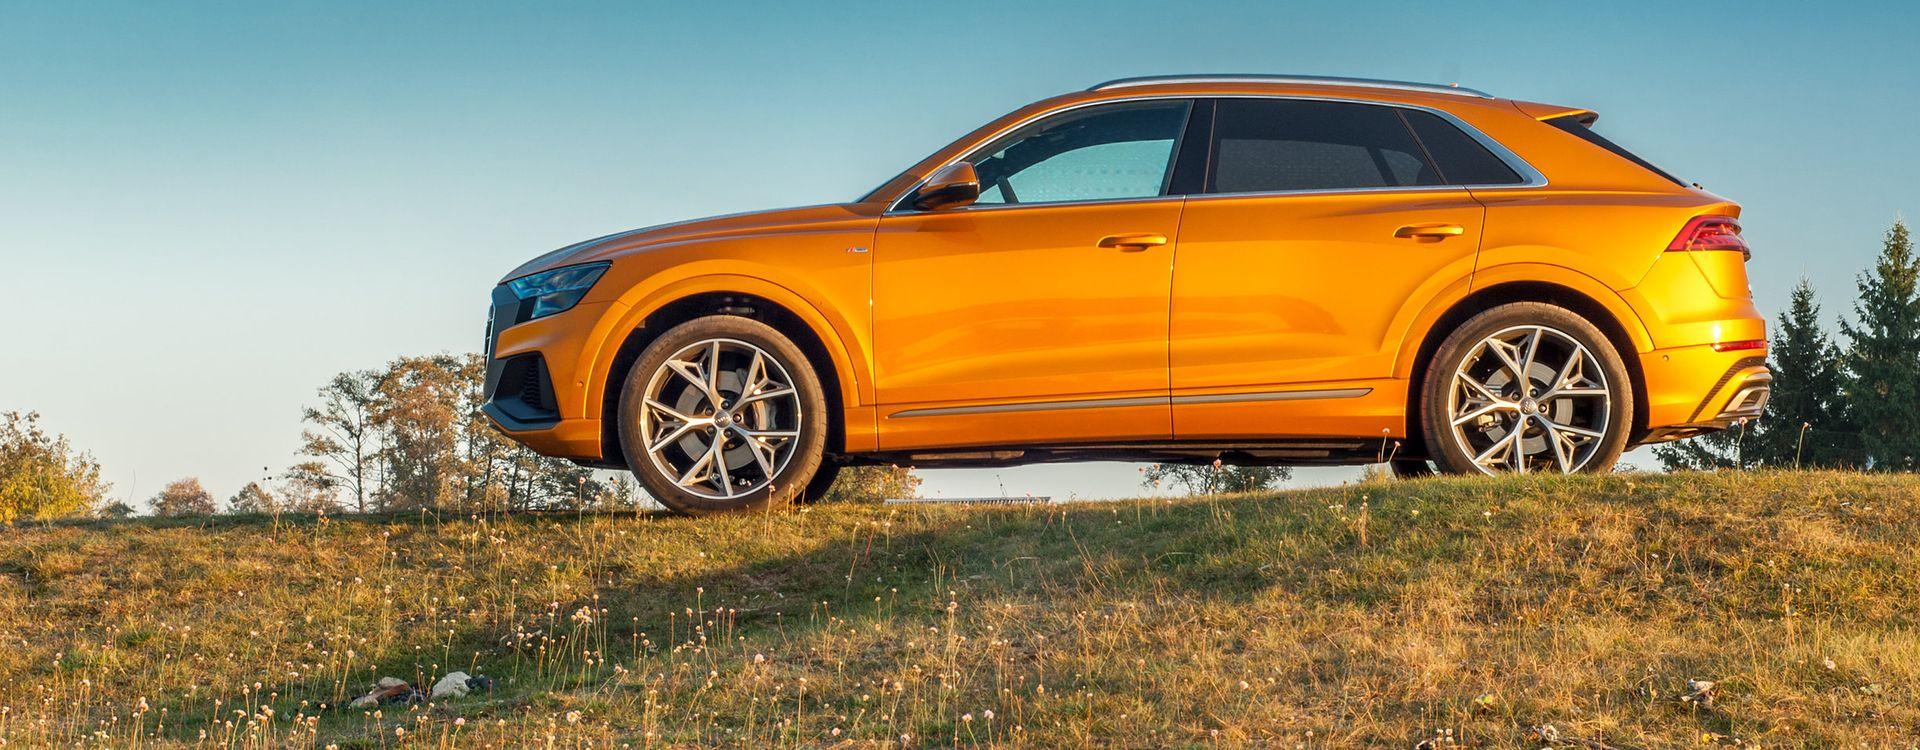 Audi Q8 Test Opinia Ceny Zdjęcia Dane Techniczne Autokultpl